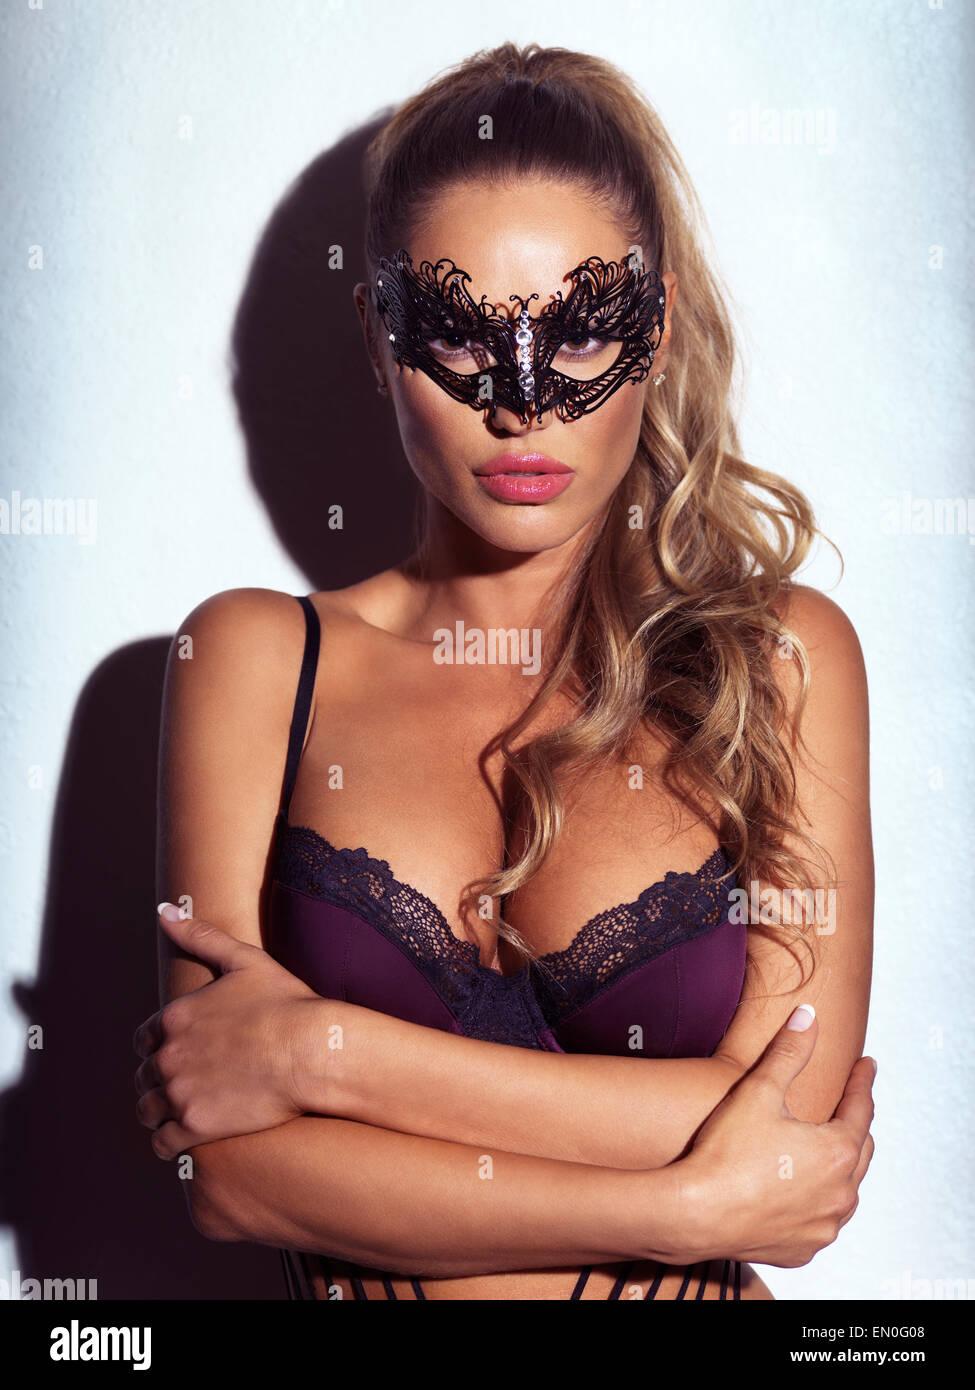 sexy glamorous women